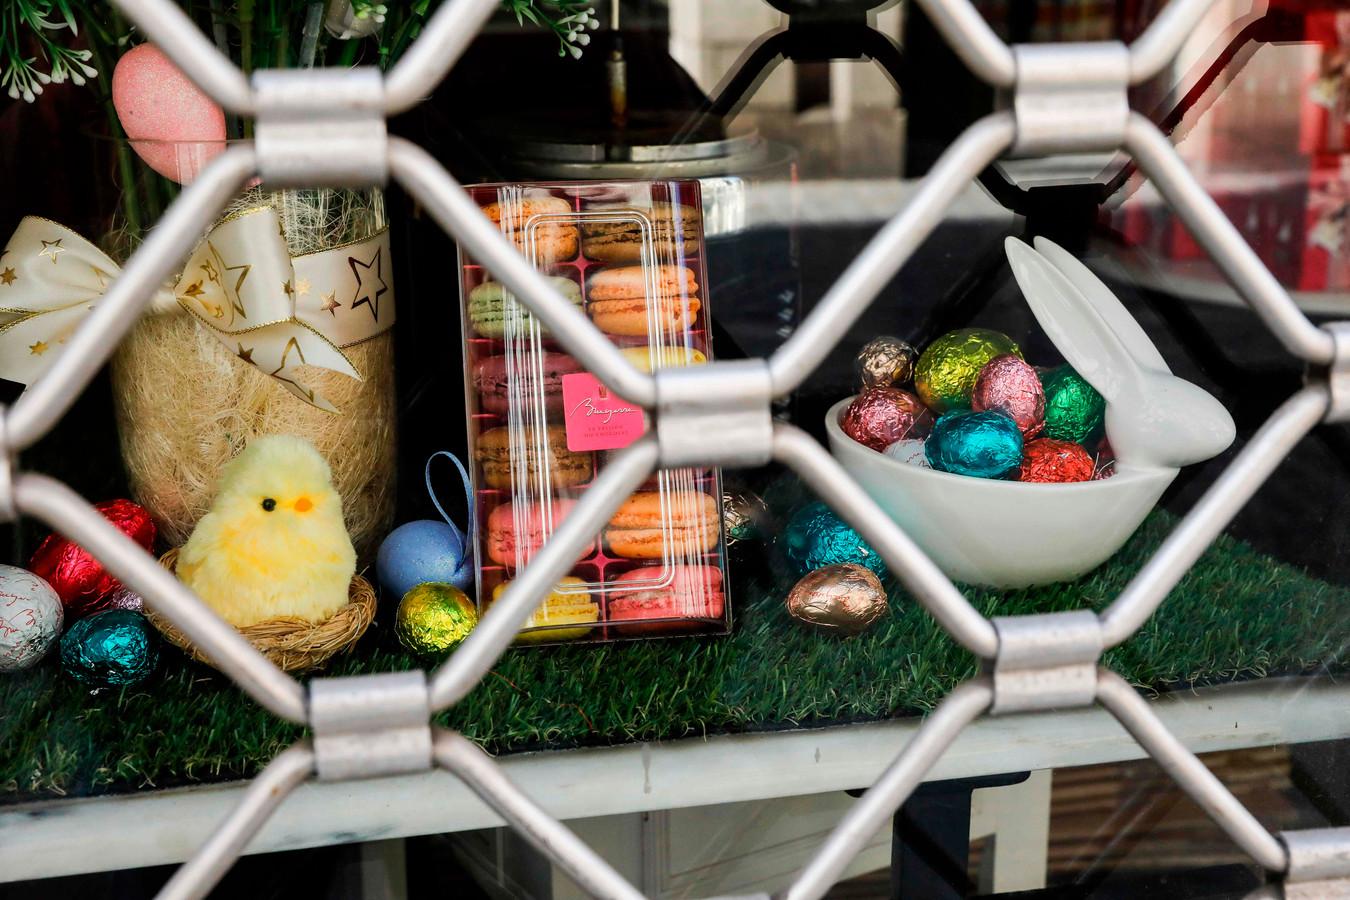 Massaal winkelen gaat het niet worden met Pasen, maar een bezoekje aan familie of vrienden moet kunnen, vindt een op de zes Nederlanders.